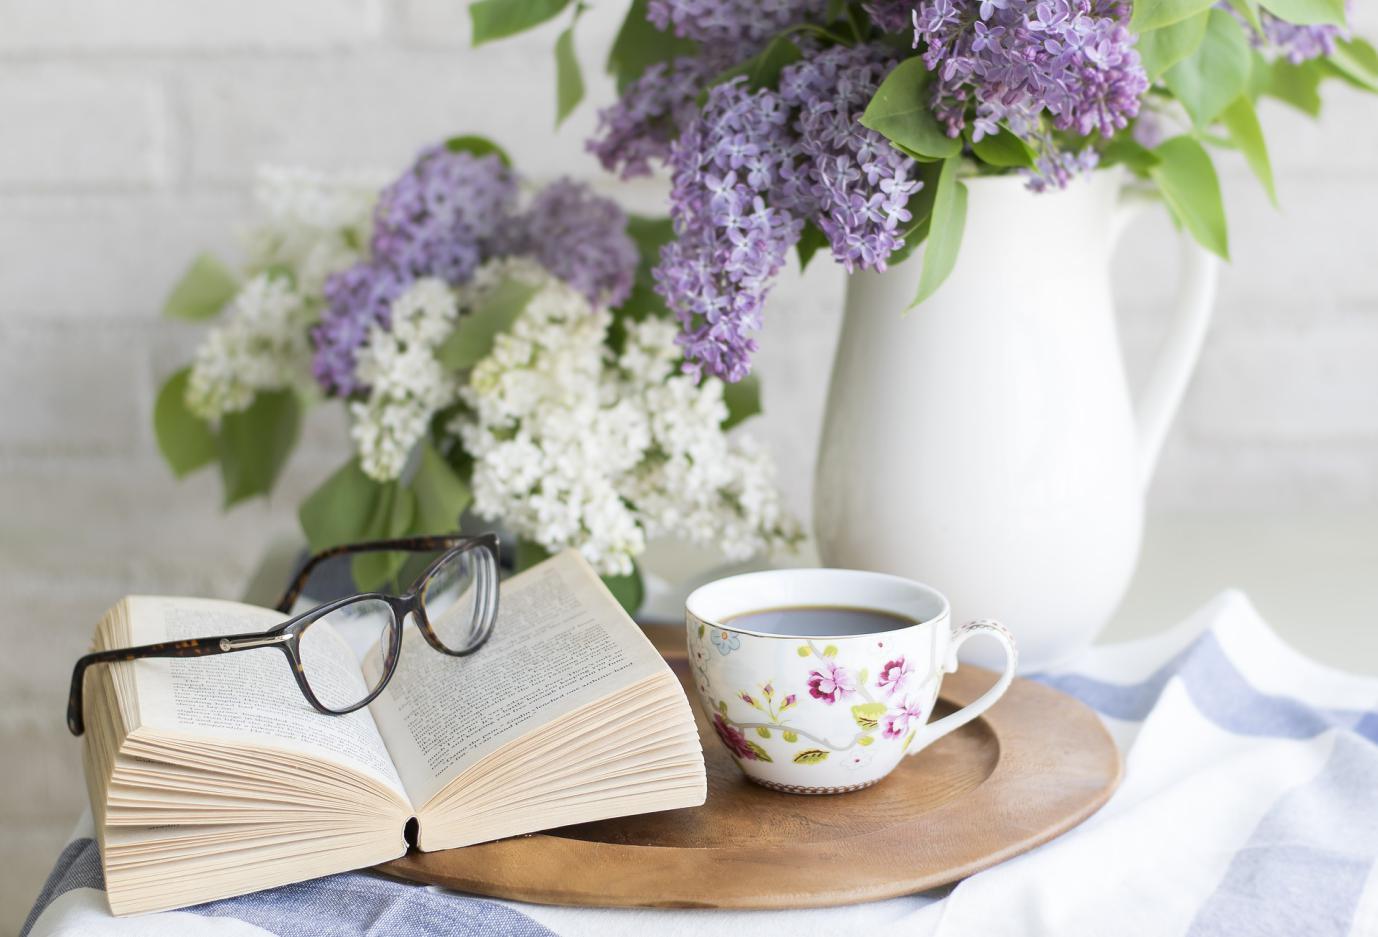 coffee-2390136_1920 (1)